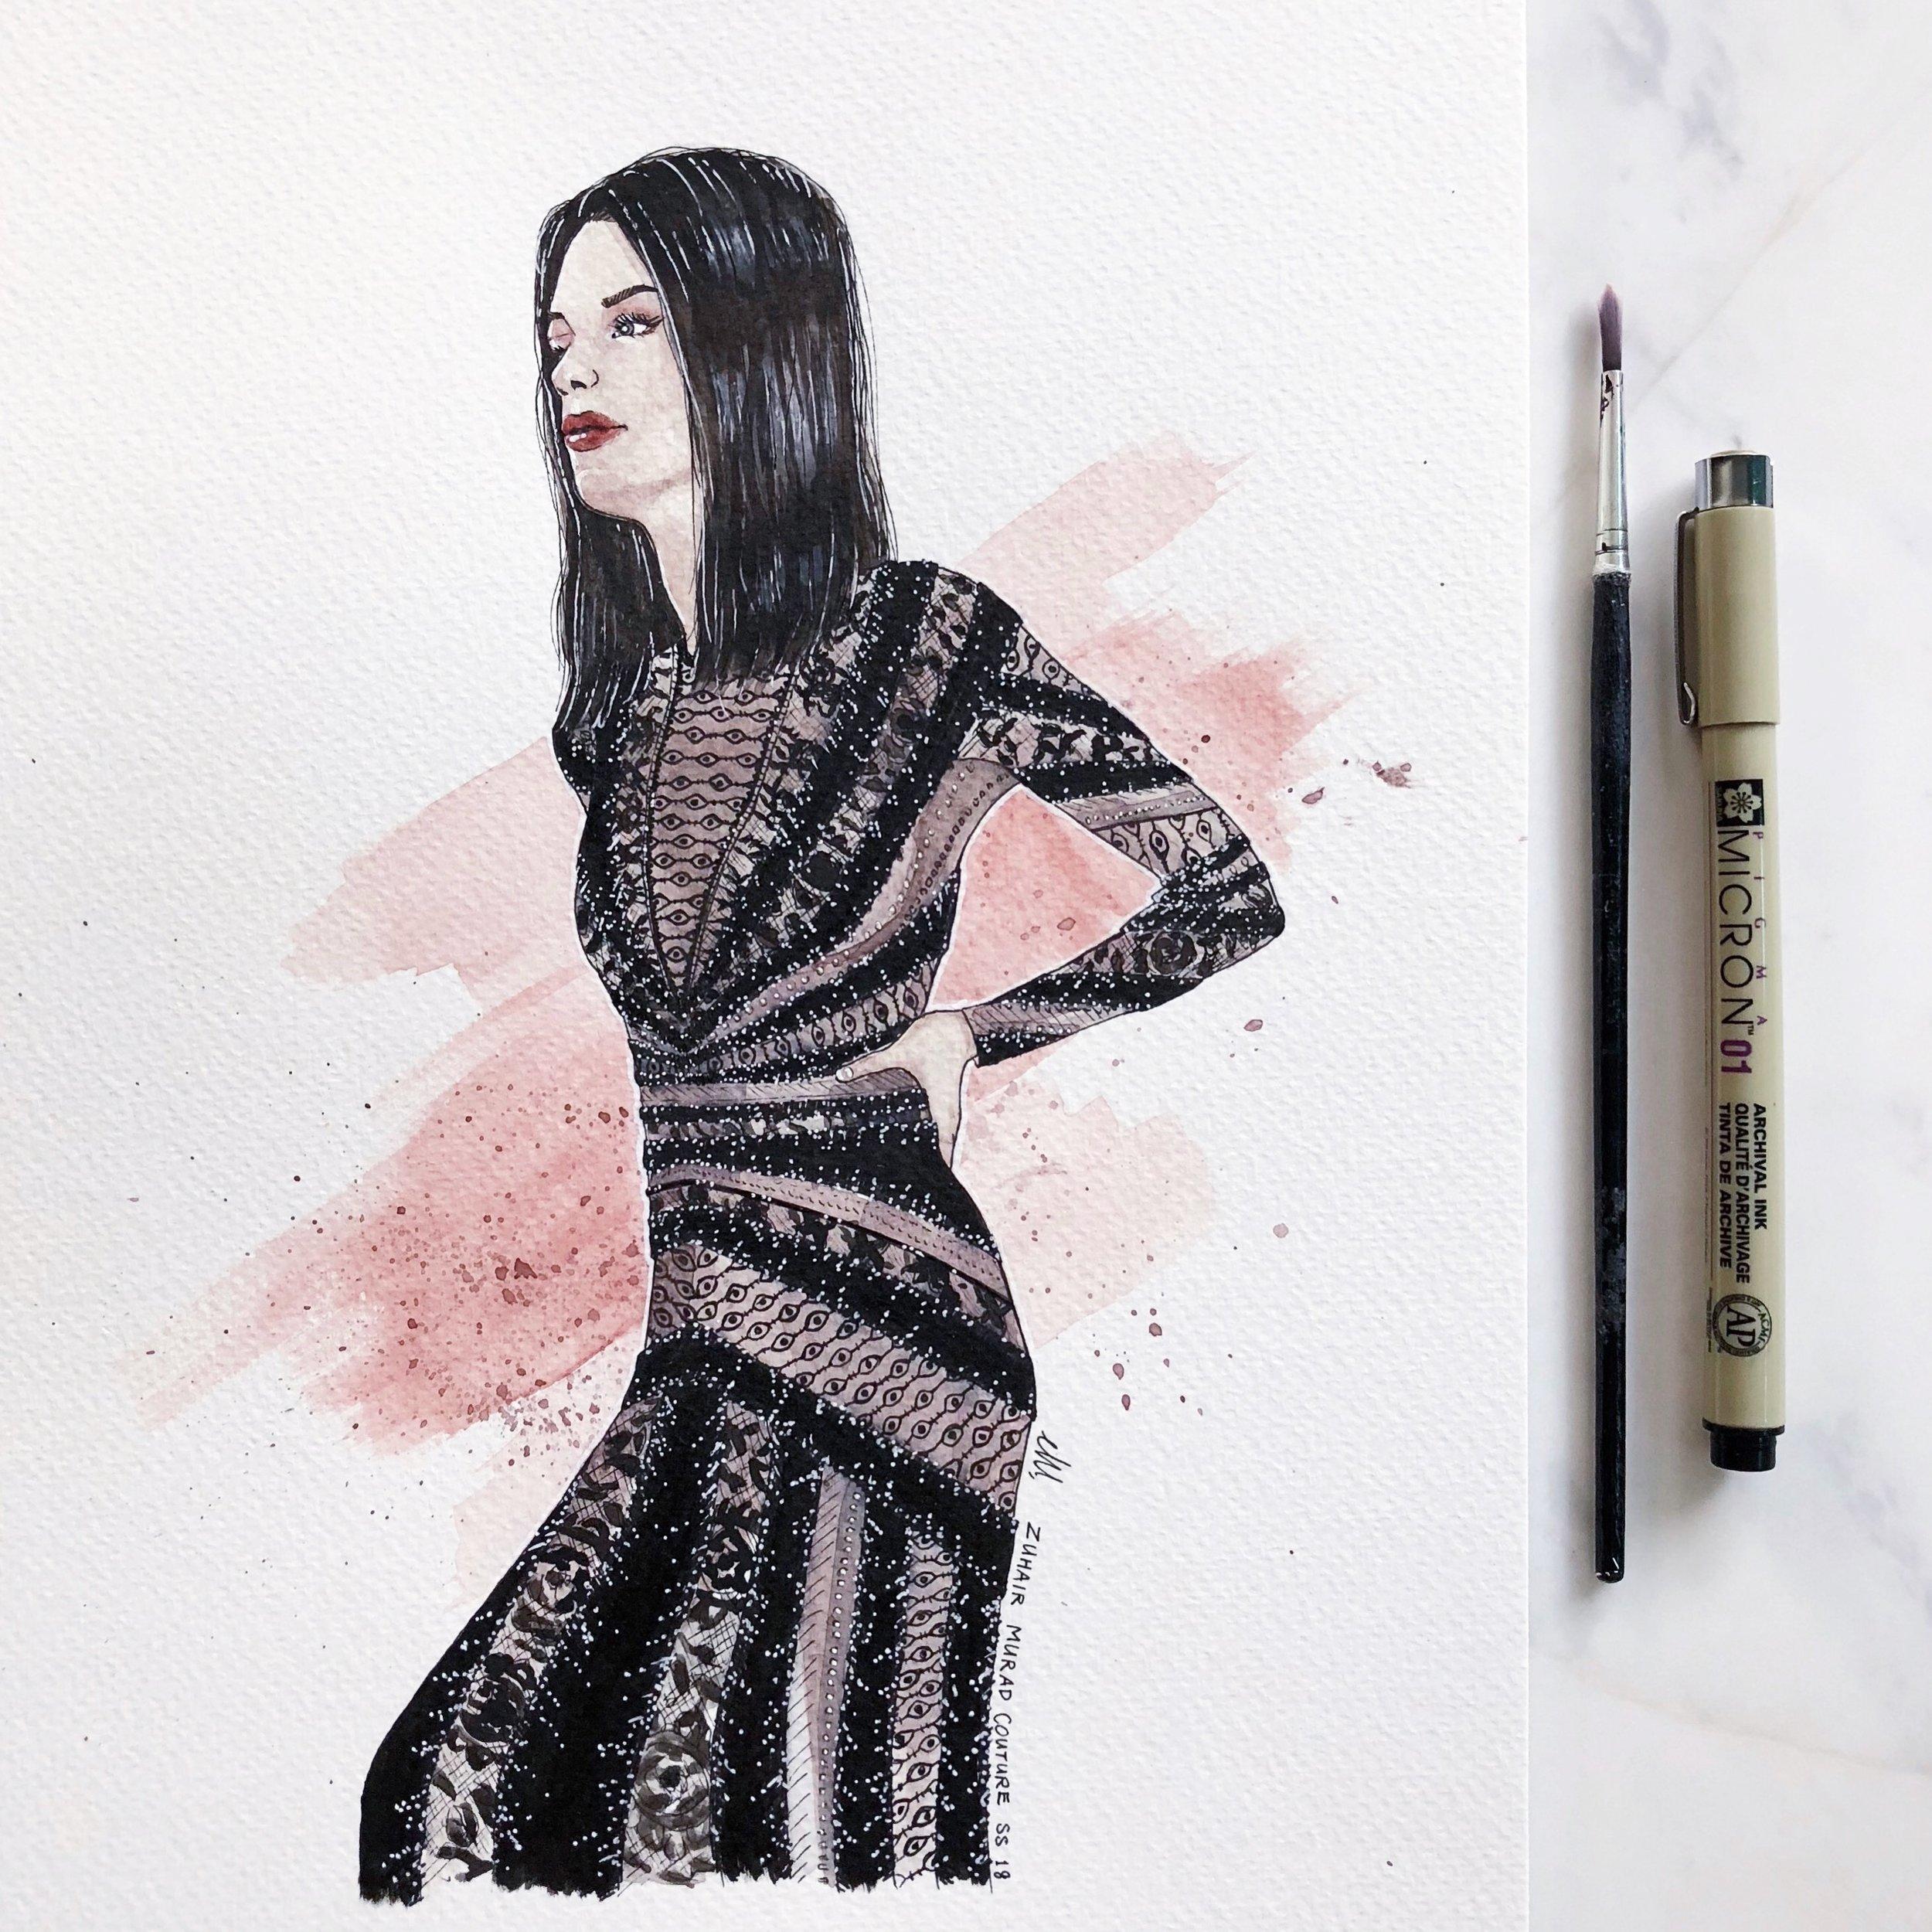 ZUHAIR MURAD  SS '18 Couture